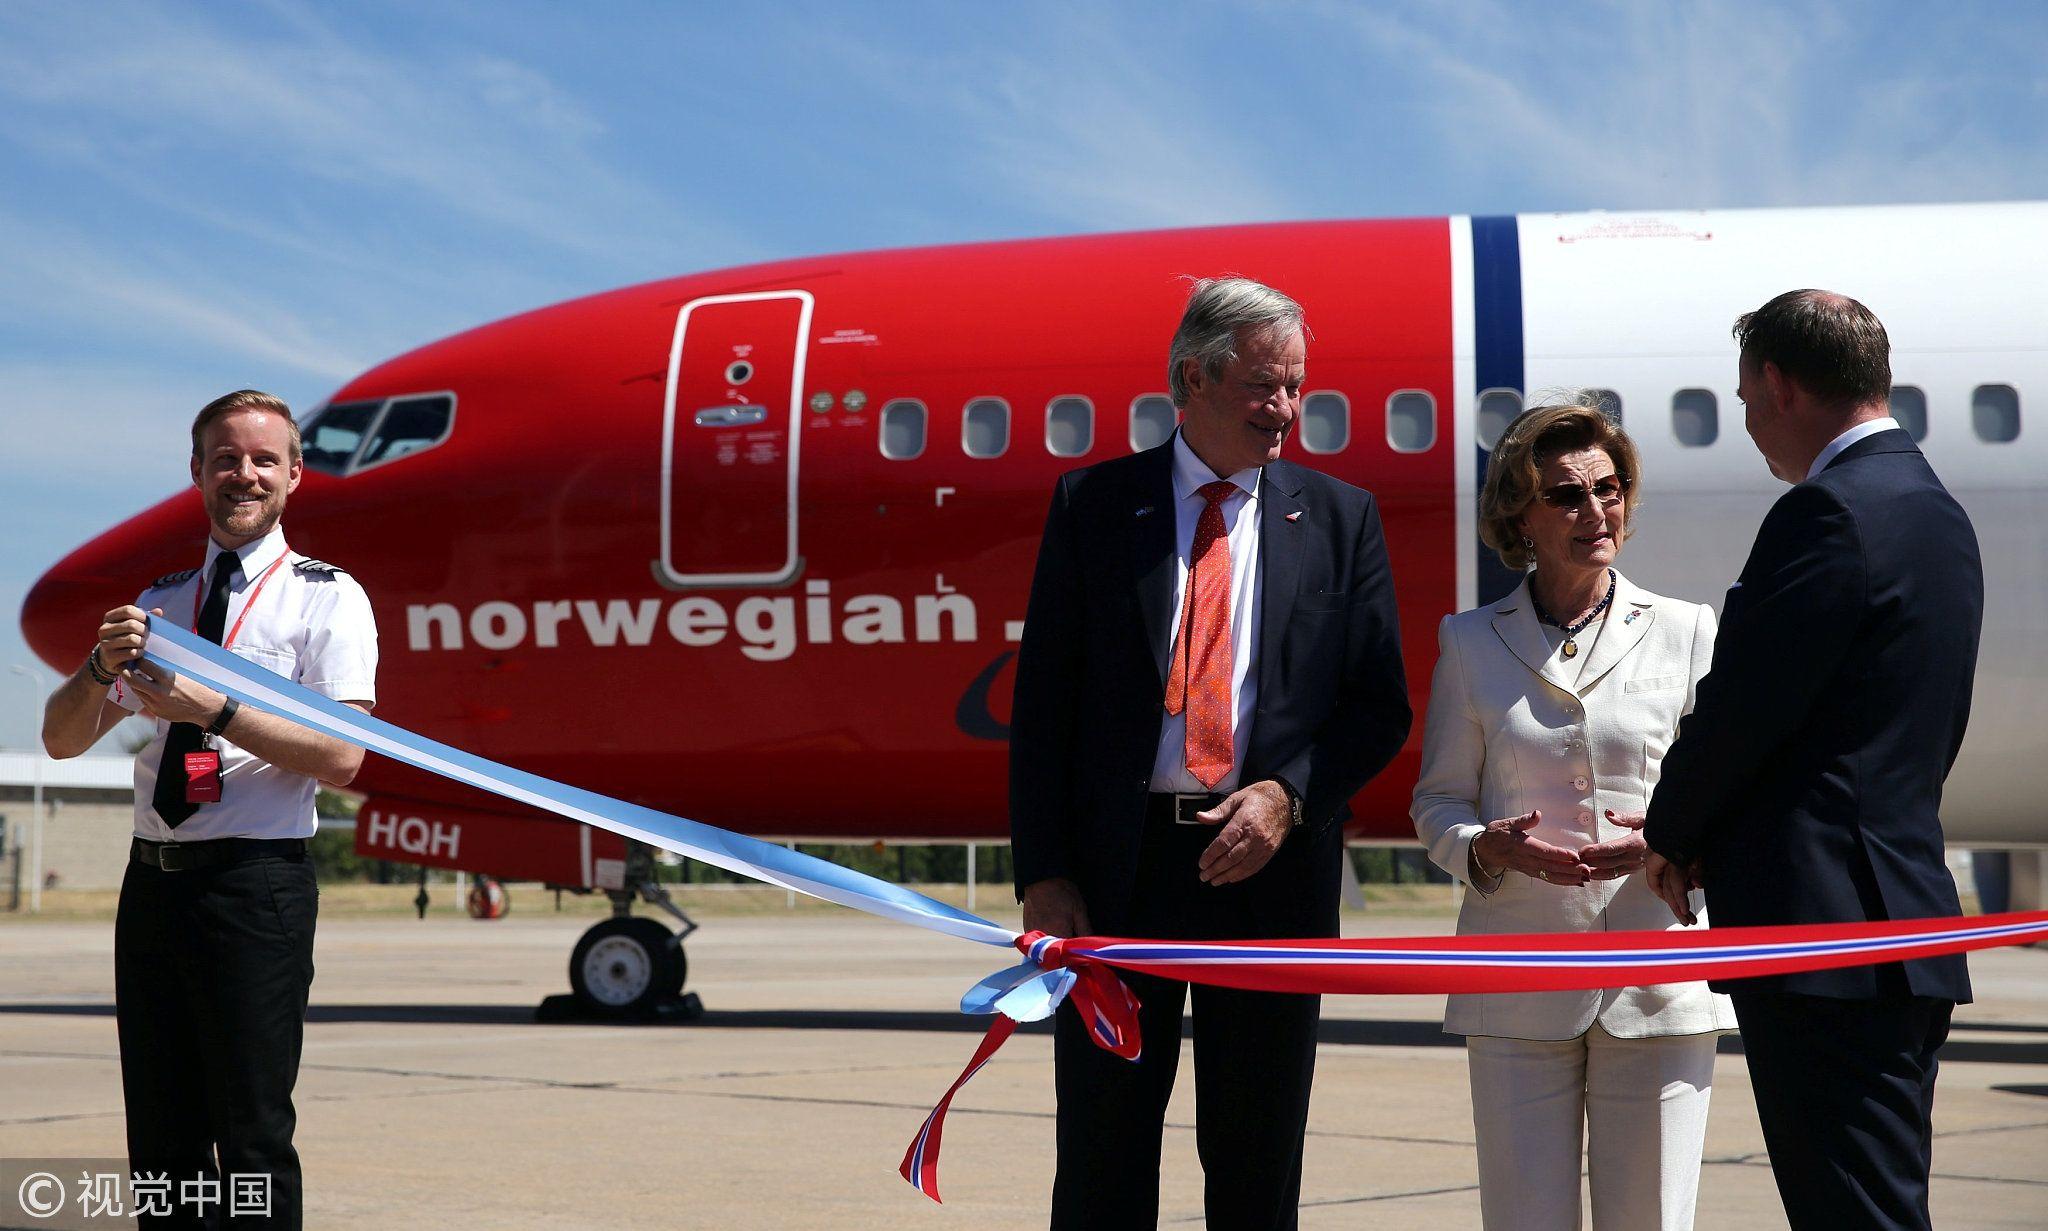 挪威波音客机备降伊朗后滞留一月 全因美国制裁